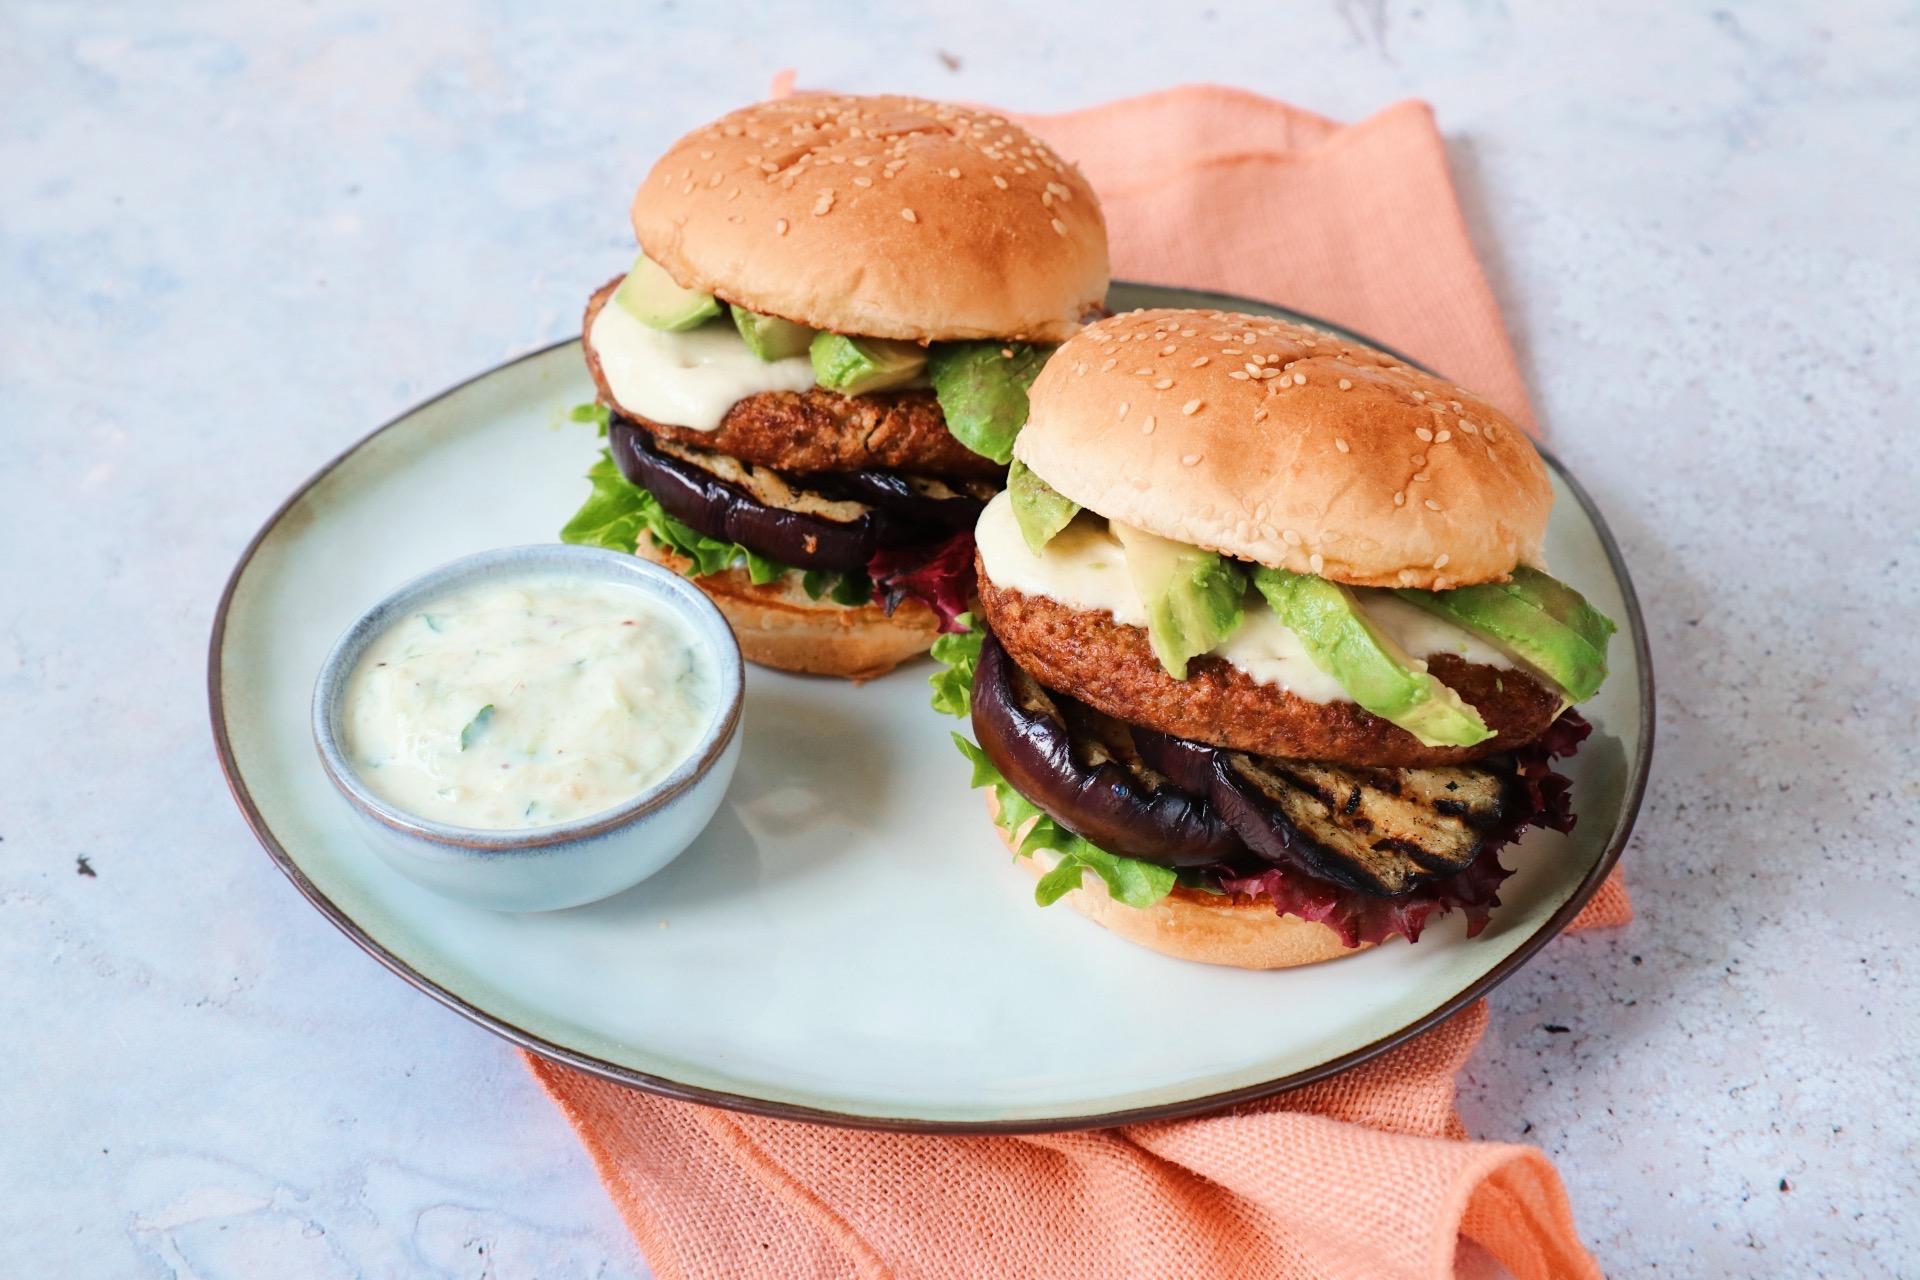 Recept bbq vegetarische burger met aubergine www.jaimyskitchen.nl